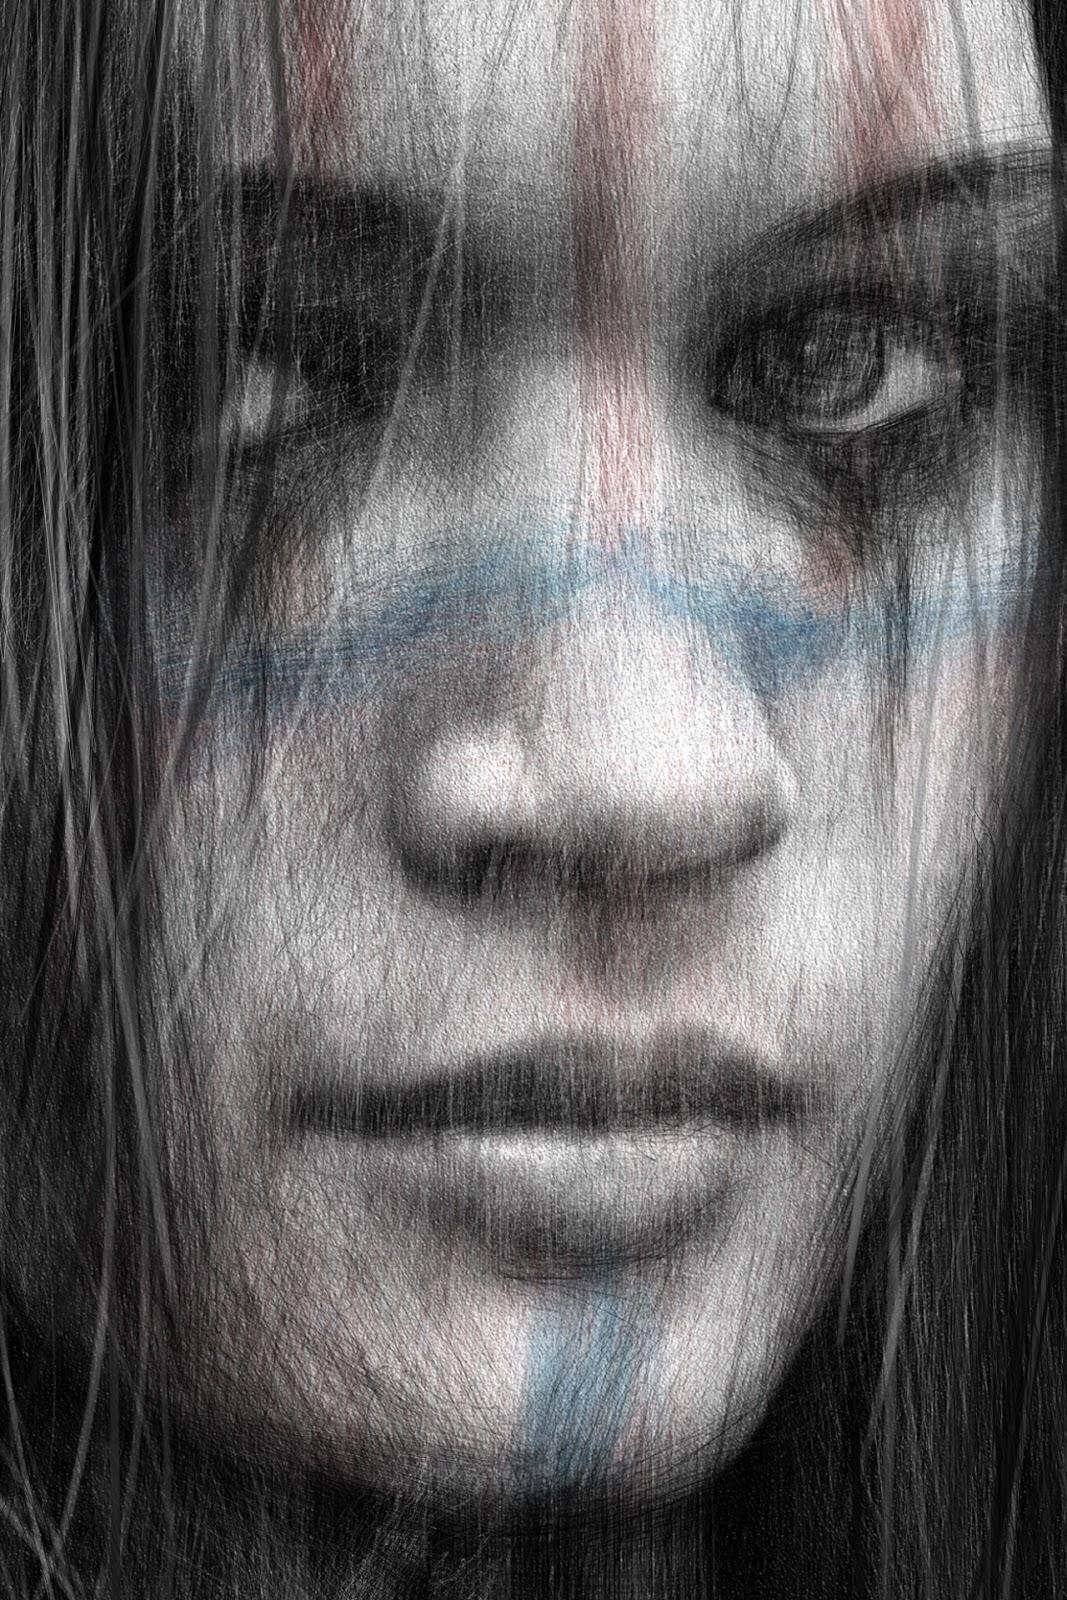 Digital painting by Justin Gedak